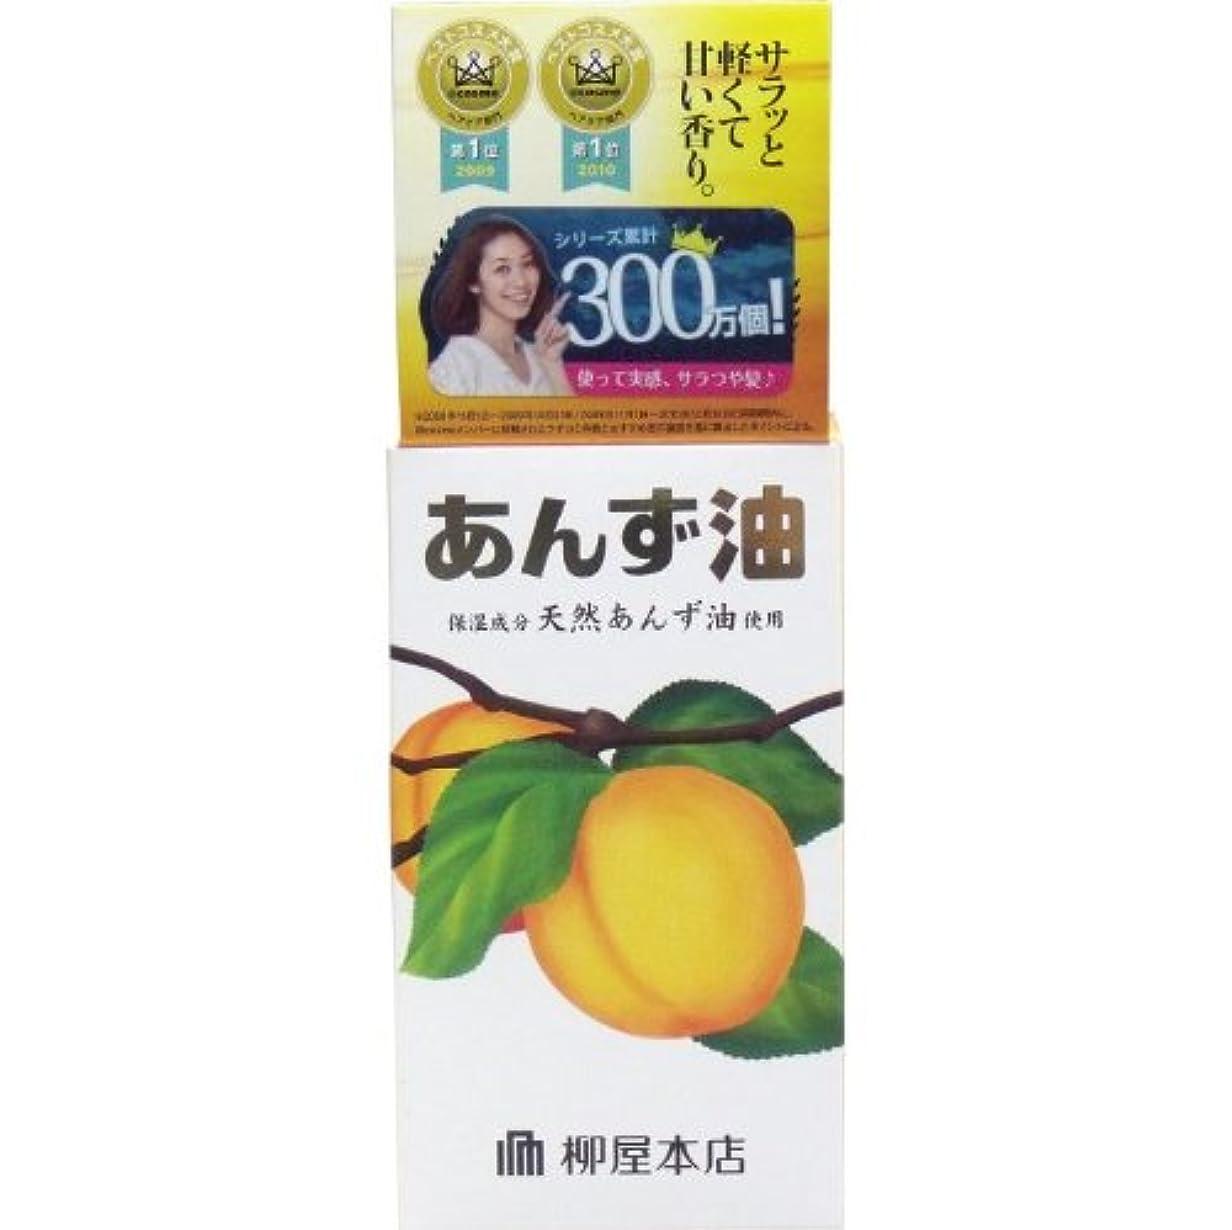 エンドウ肺炎観客ミネラル 潤い ヘアオイル サラッと軽くて甘い香り!60mL【4個セット】